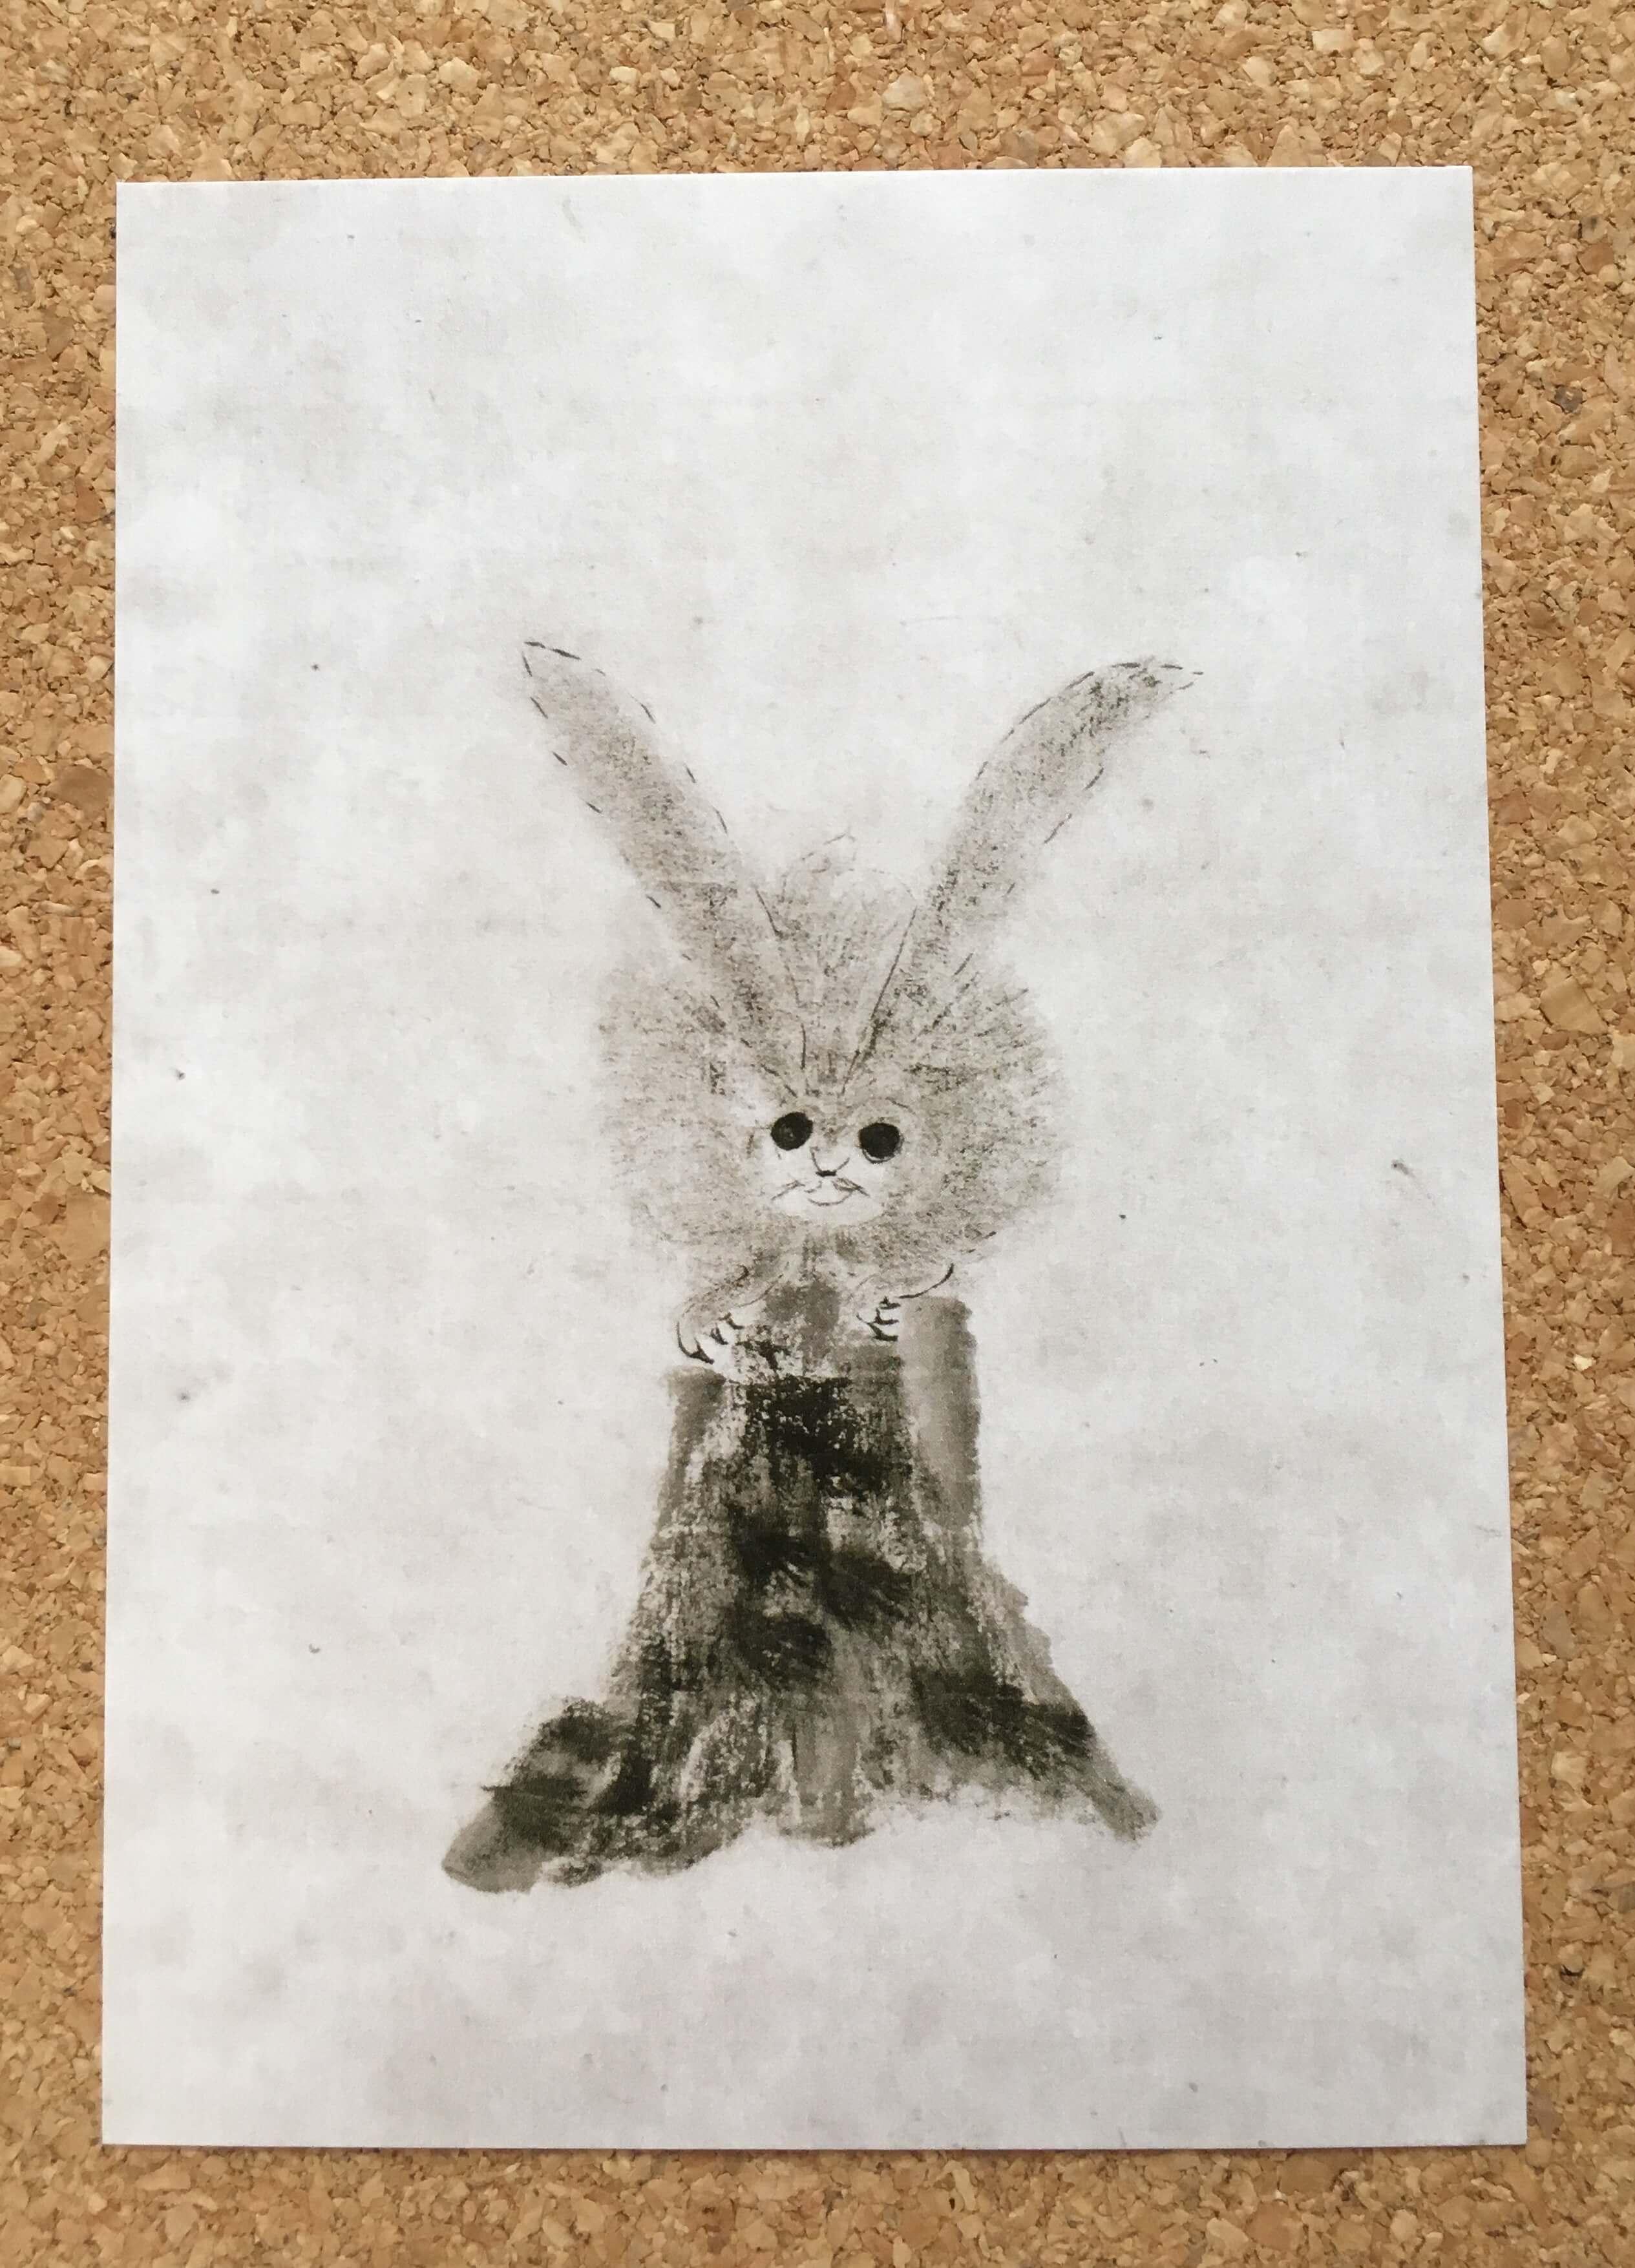 徳川家光『兎図』